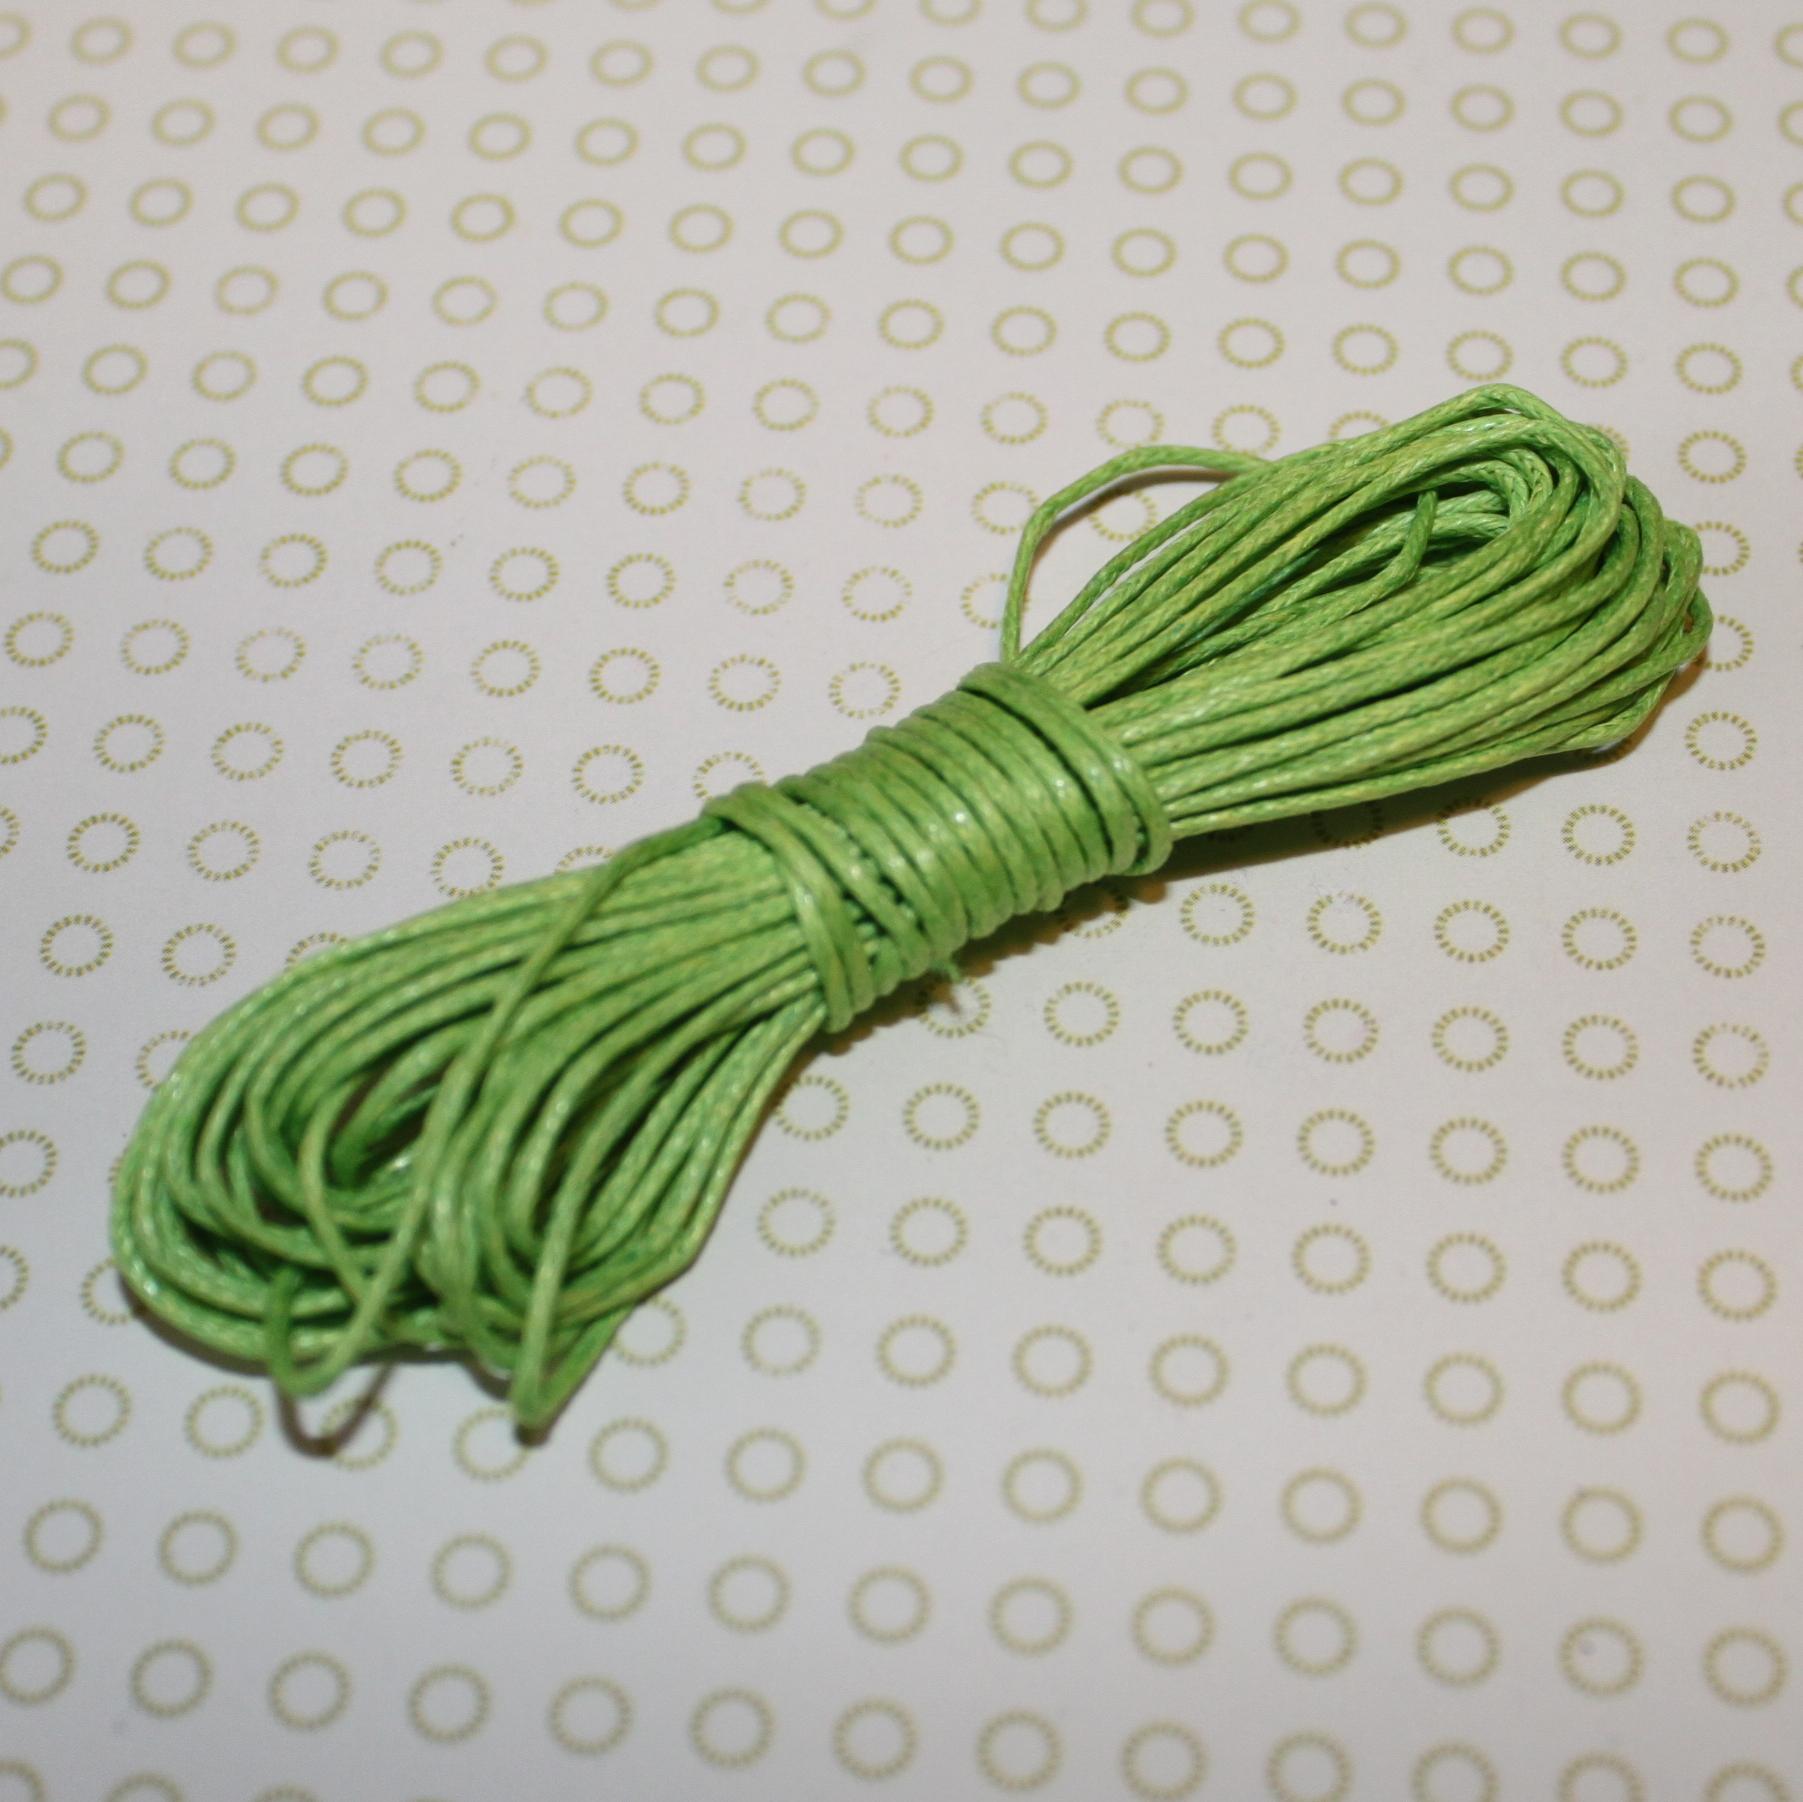 Вощеный шнур салатового цвета, 5 м